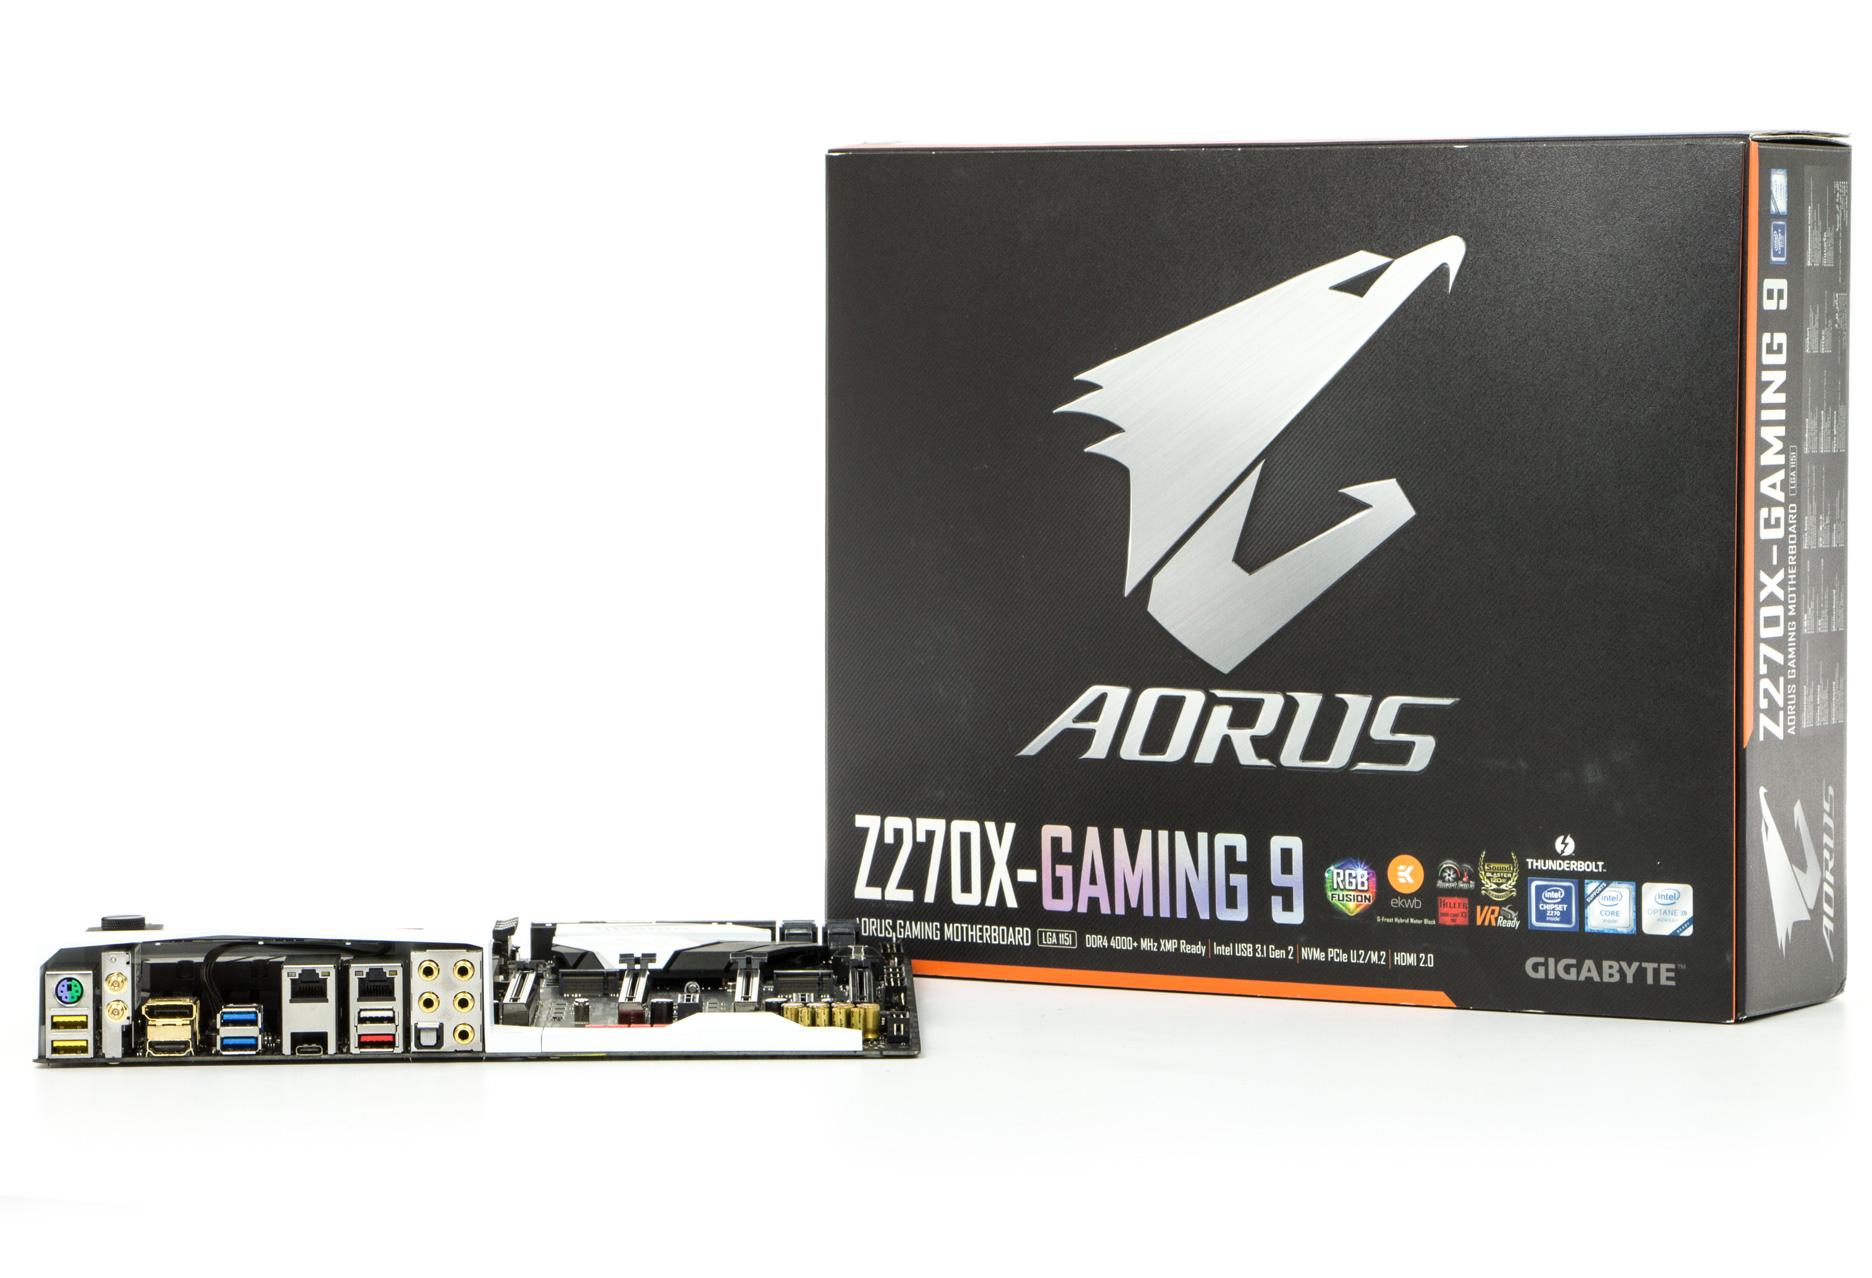 Gigabyte Aorus Ga Z270x Gaming 9 Test Gaz270x Socket 1151 Kaby Lake